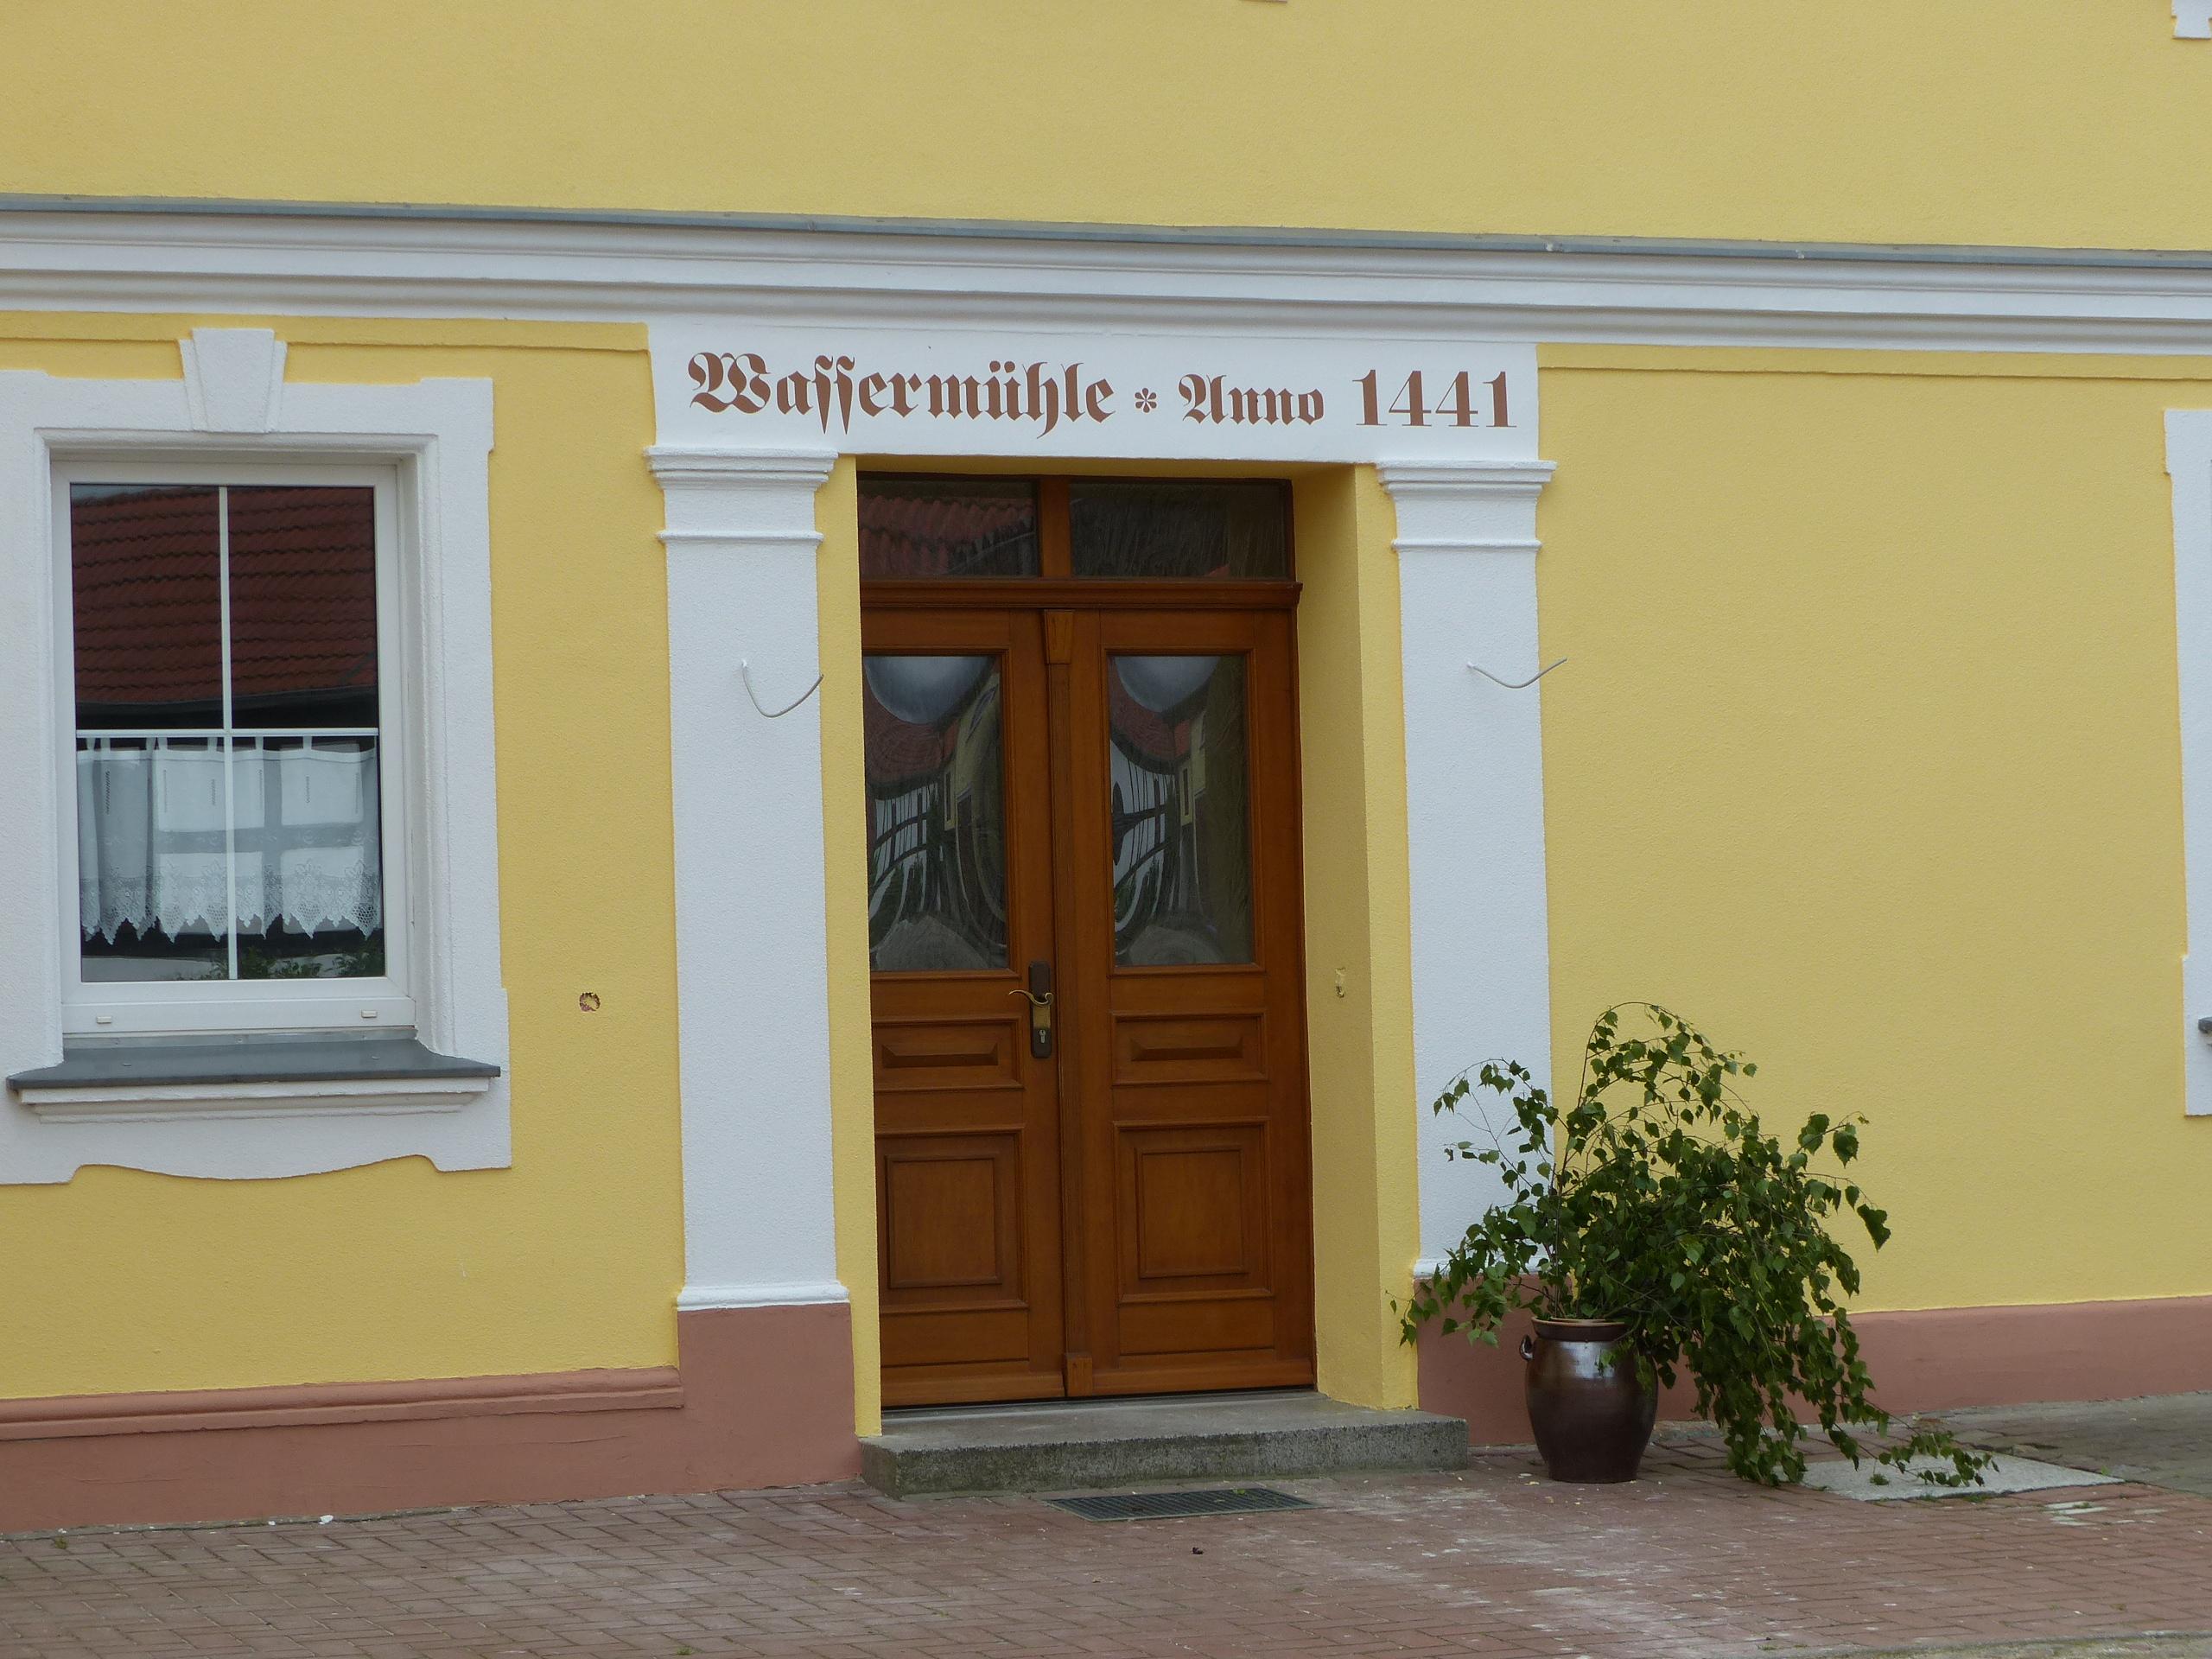 Mühlengebäude in Fredersdorf im Fläming, Foto: D.Weirauch